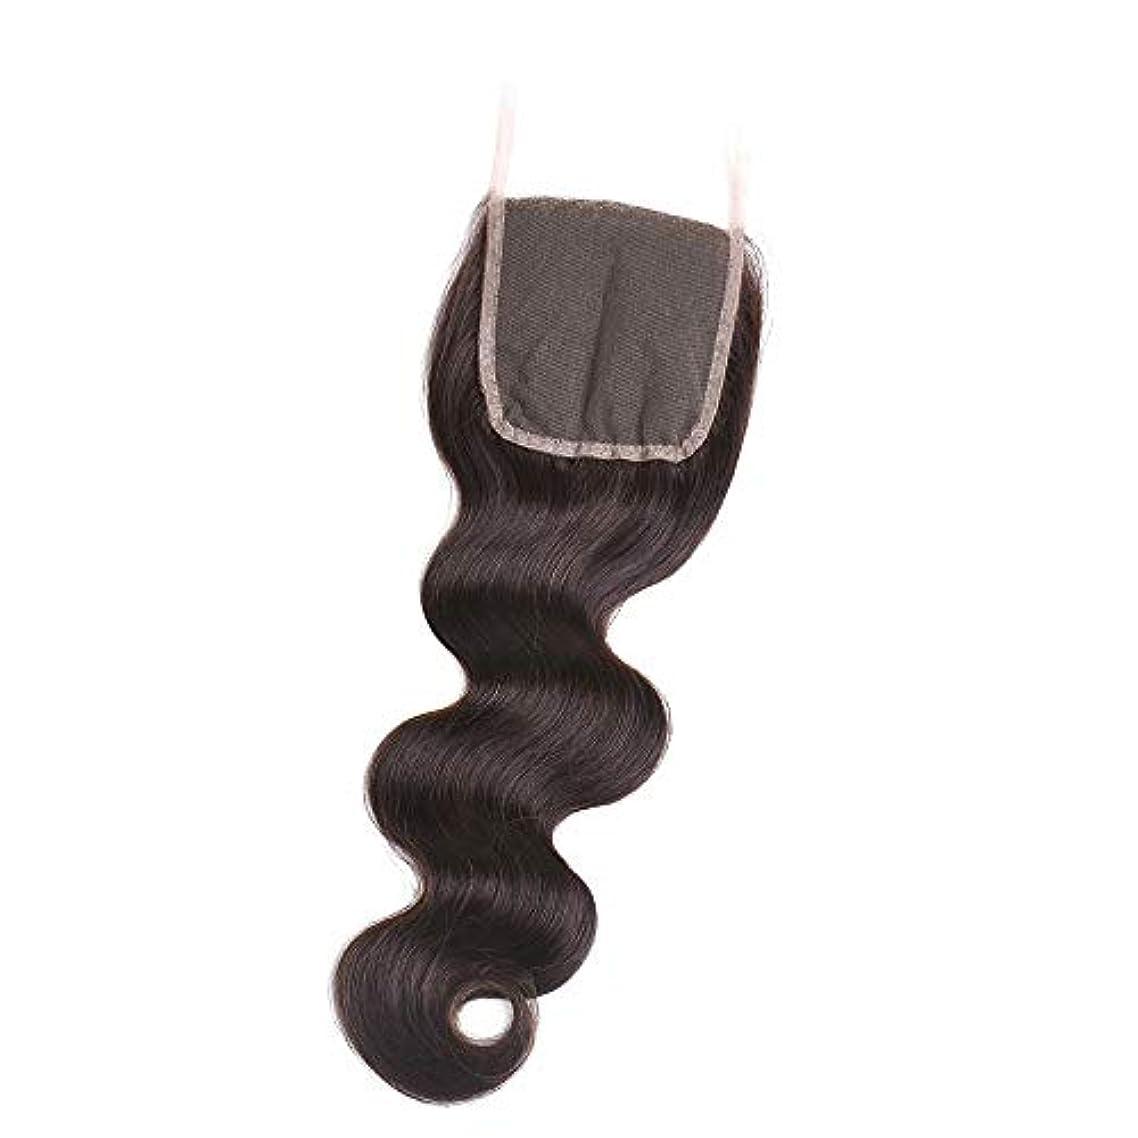 ゴルフ入り口告白HOHYLLYA フリーパート4×4インチ実体波レース前頭閉鎖ブラジル人間の髪の毛ロールプレイングかつら女性の自然なかつら (色 : 黒, サイズ : 18 inch)